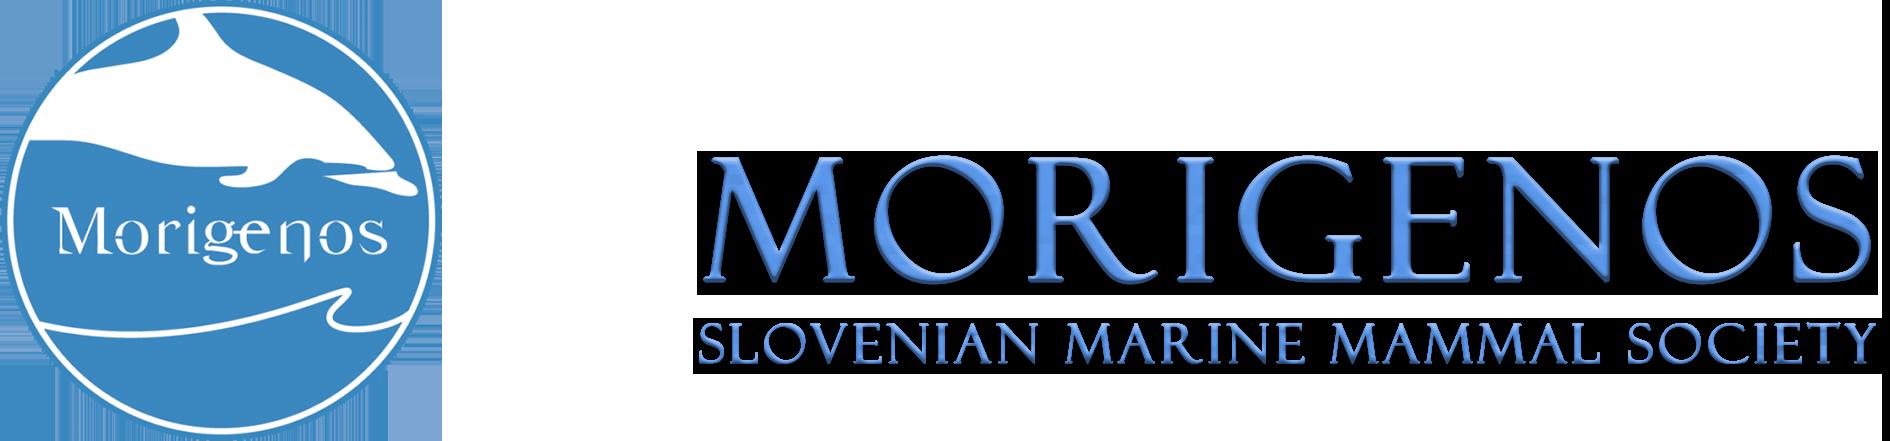 morigenos